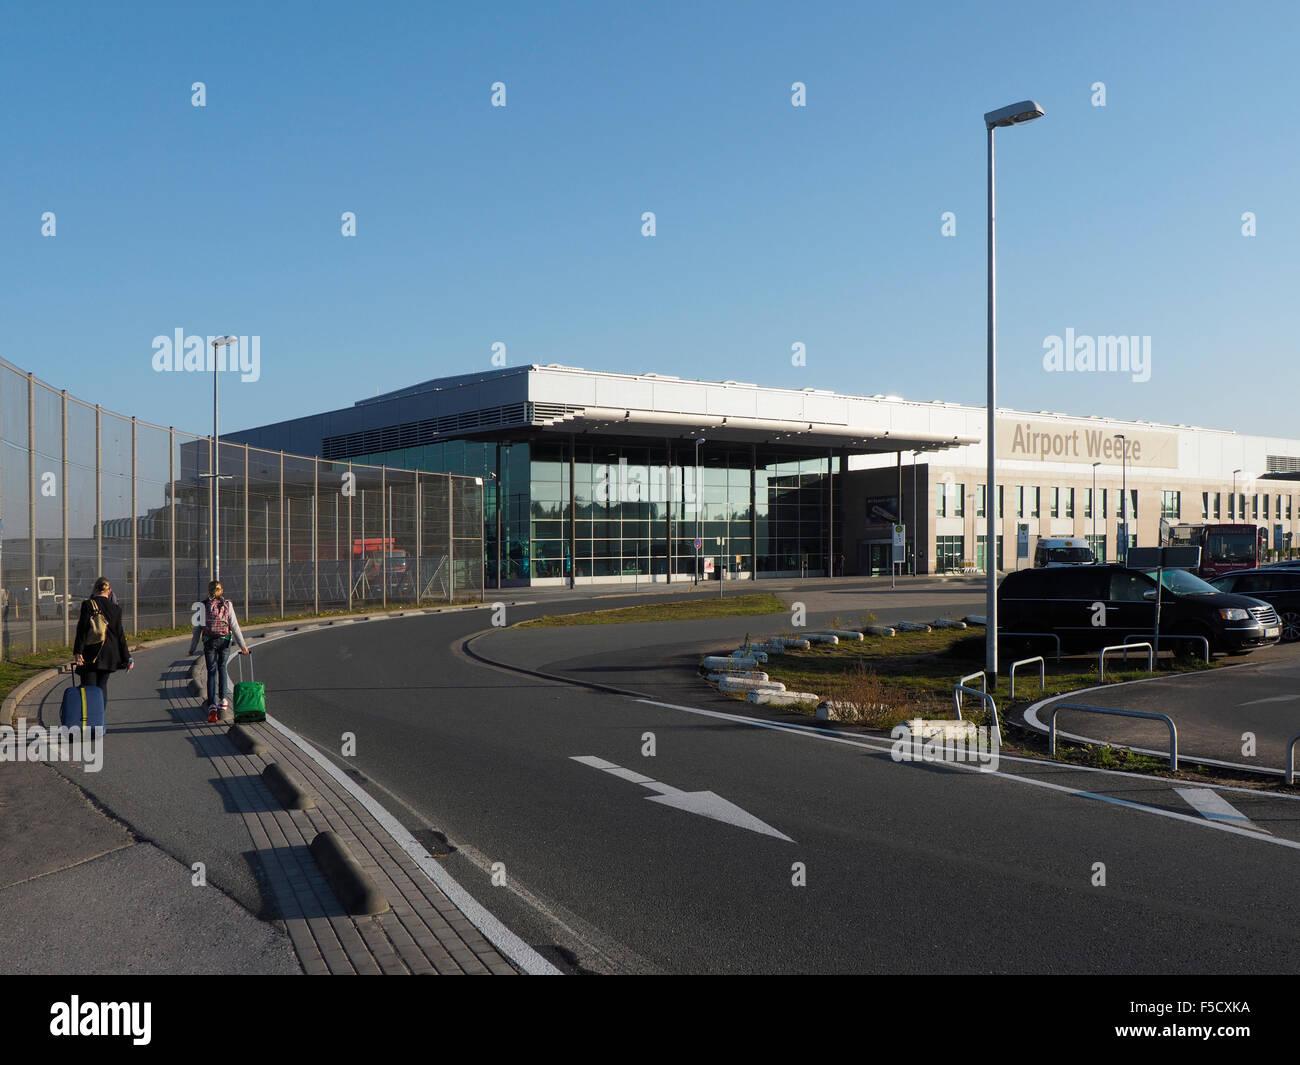 Weeze Niederrhein airport terminal exterior with travelers people Ryanair NRN - Stock Image